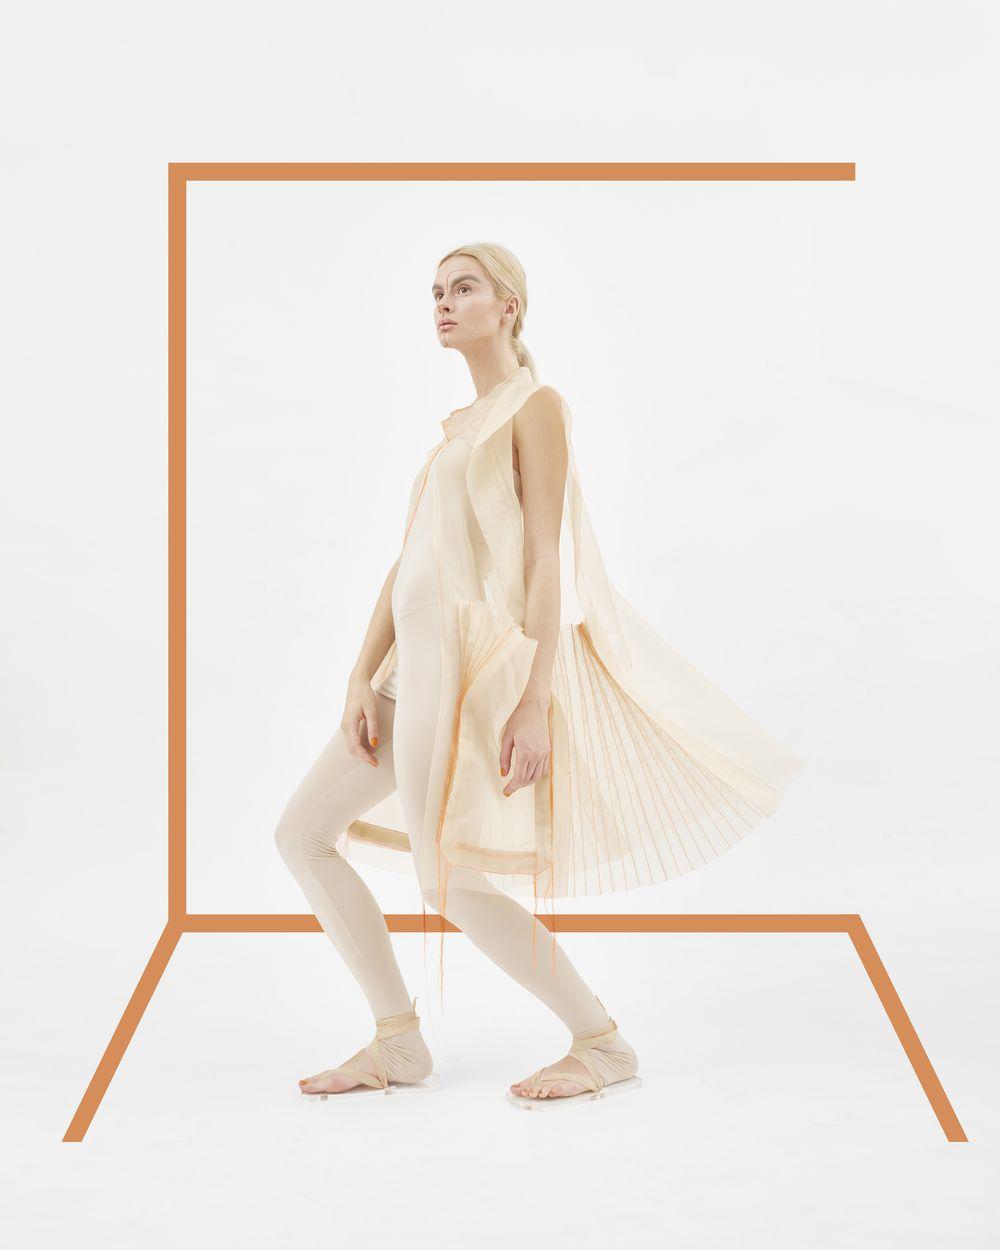 ac4a73441a ... ruhák tervezése felé fordultam, ahogy erre a szakmai fejlődésem során  képessé váltam. Tervem egy olyan alkalmi, menyasszonyi ruha megalkotása  volt, ...